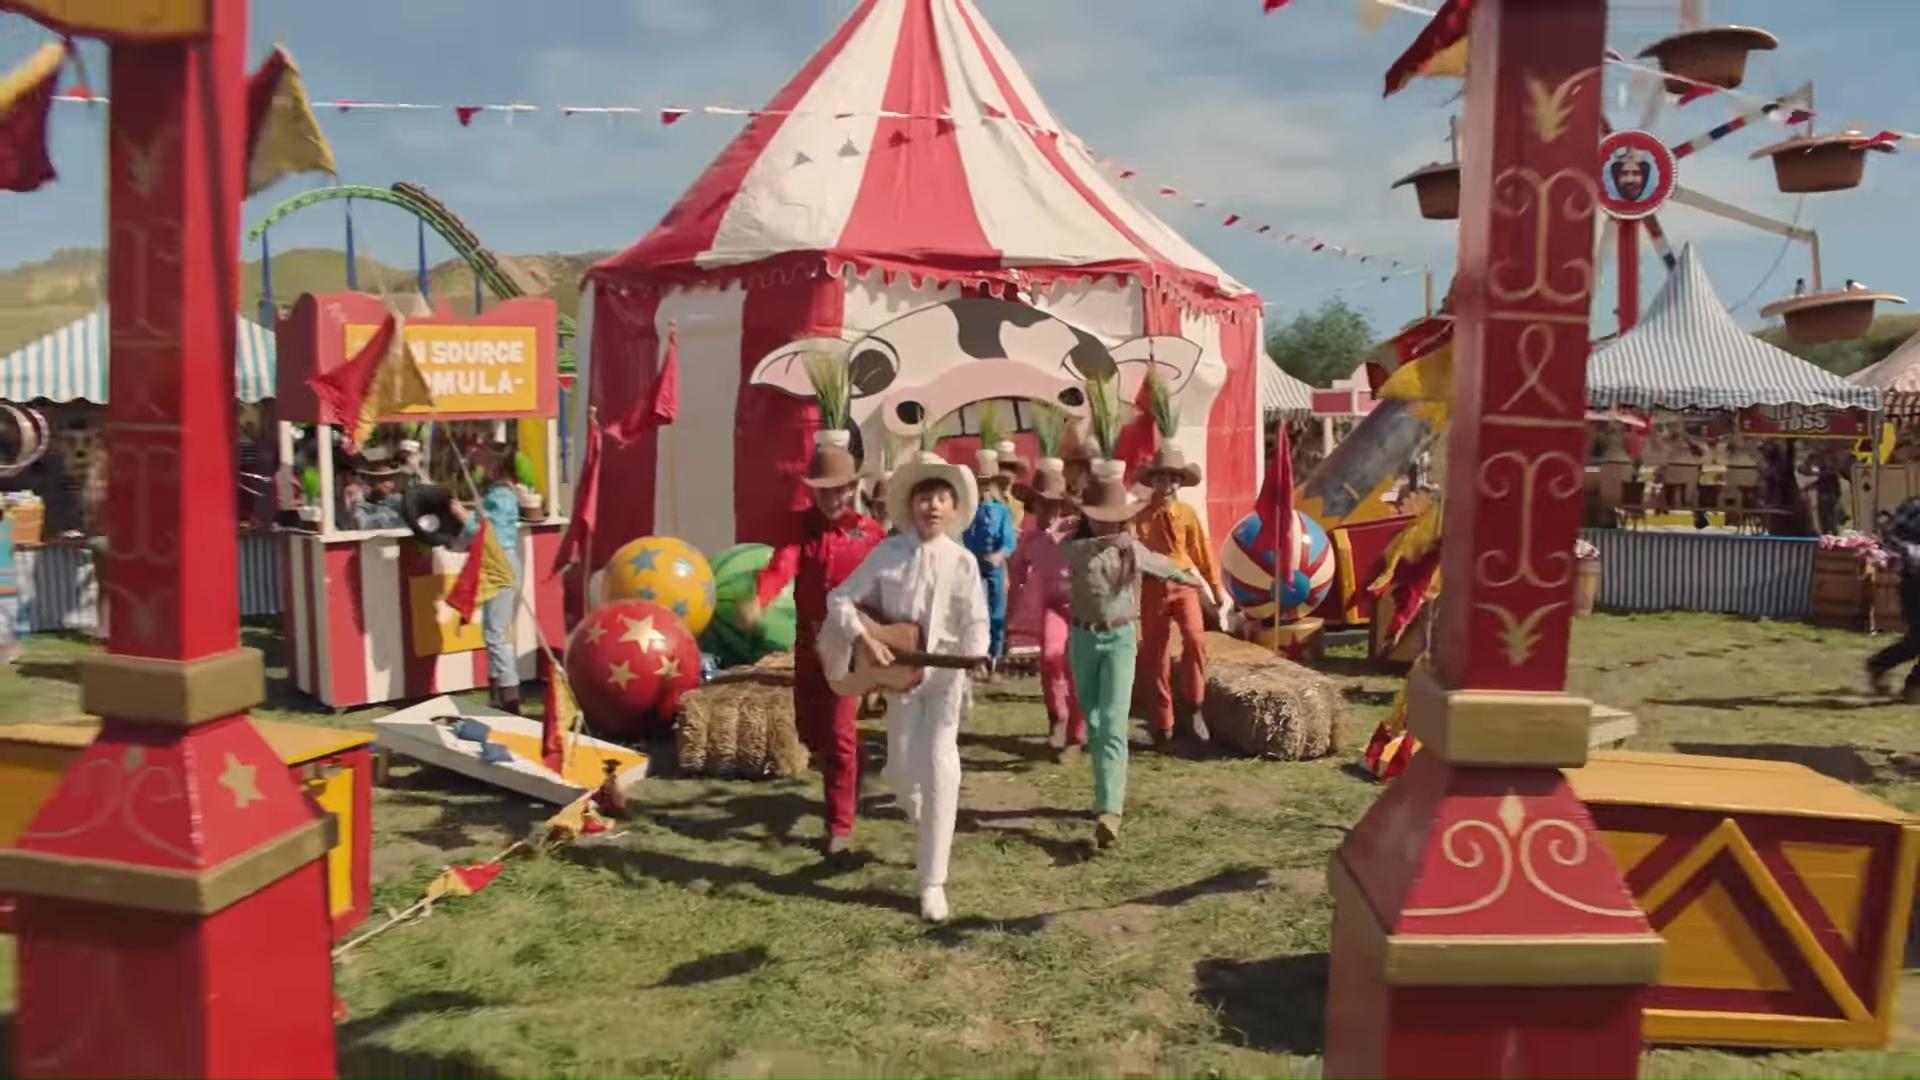 我認為你也會愛的 Michel Gondry 終於有新作品,這次他幫漢堡王拍了牛放屁的廣告影片